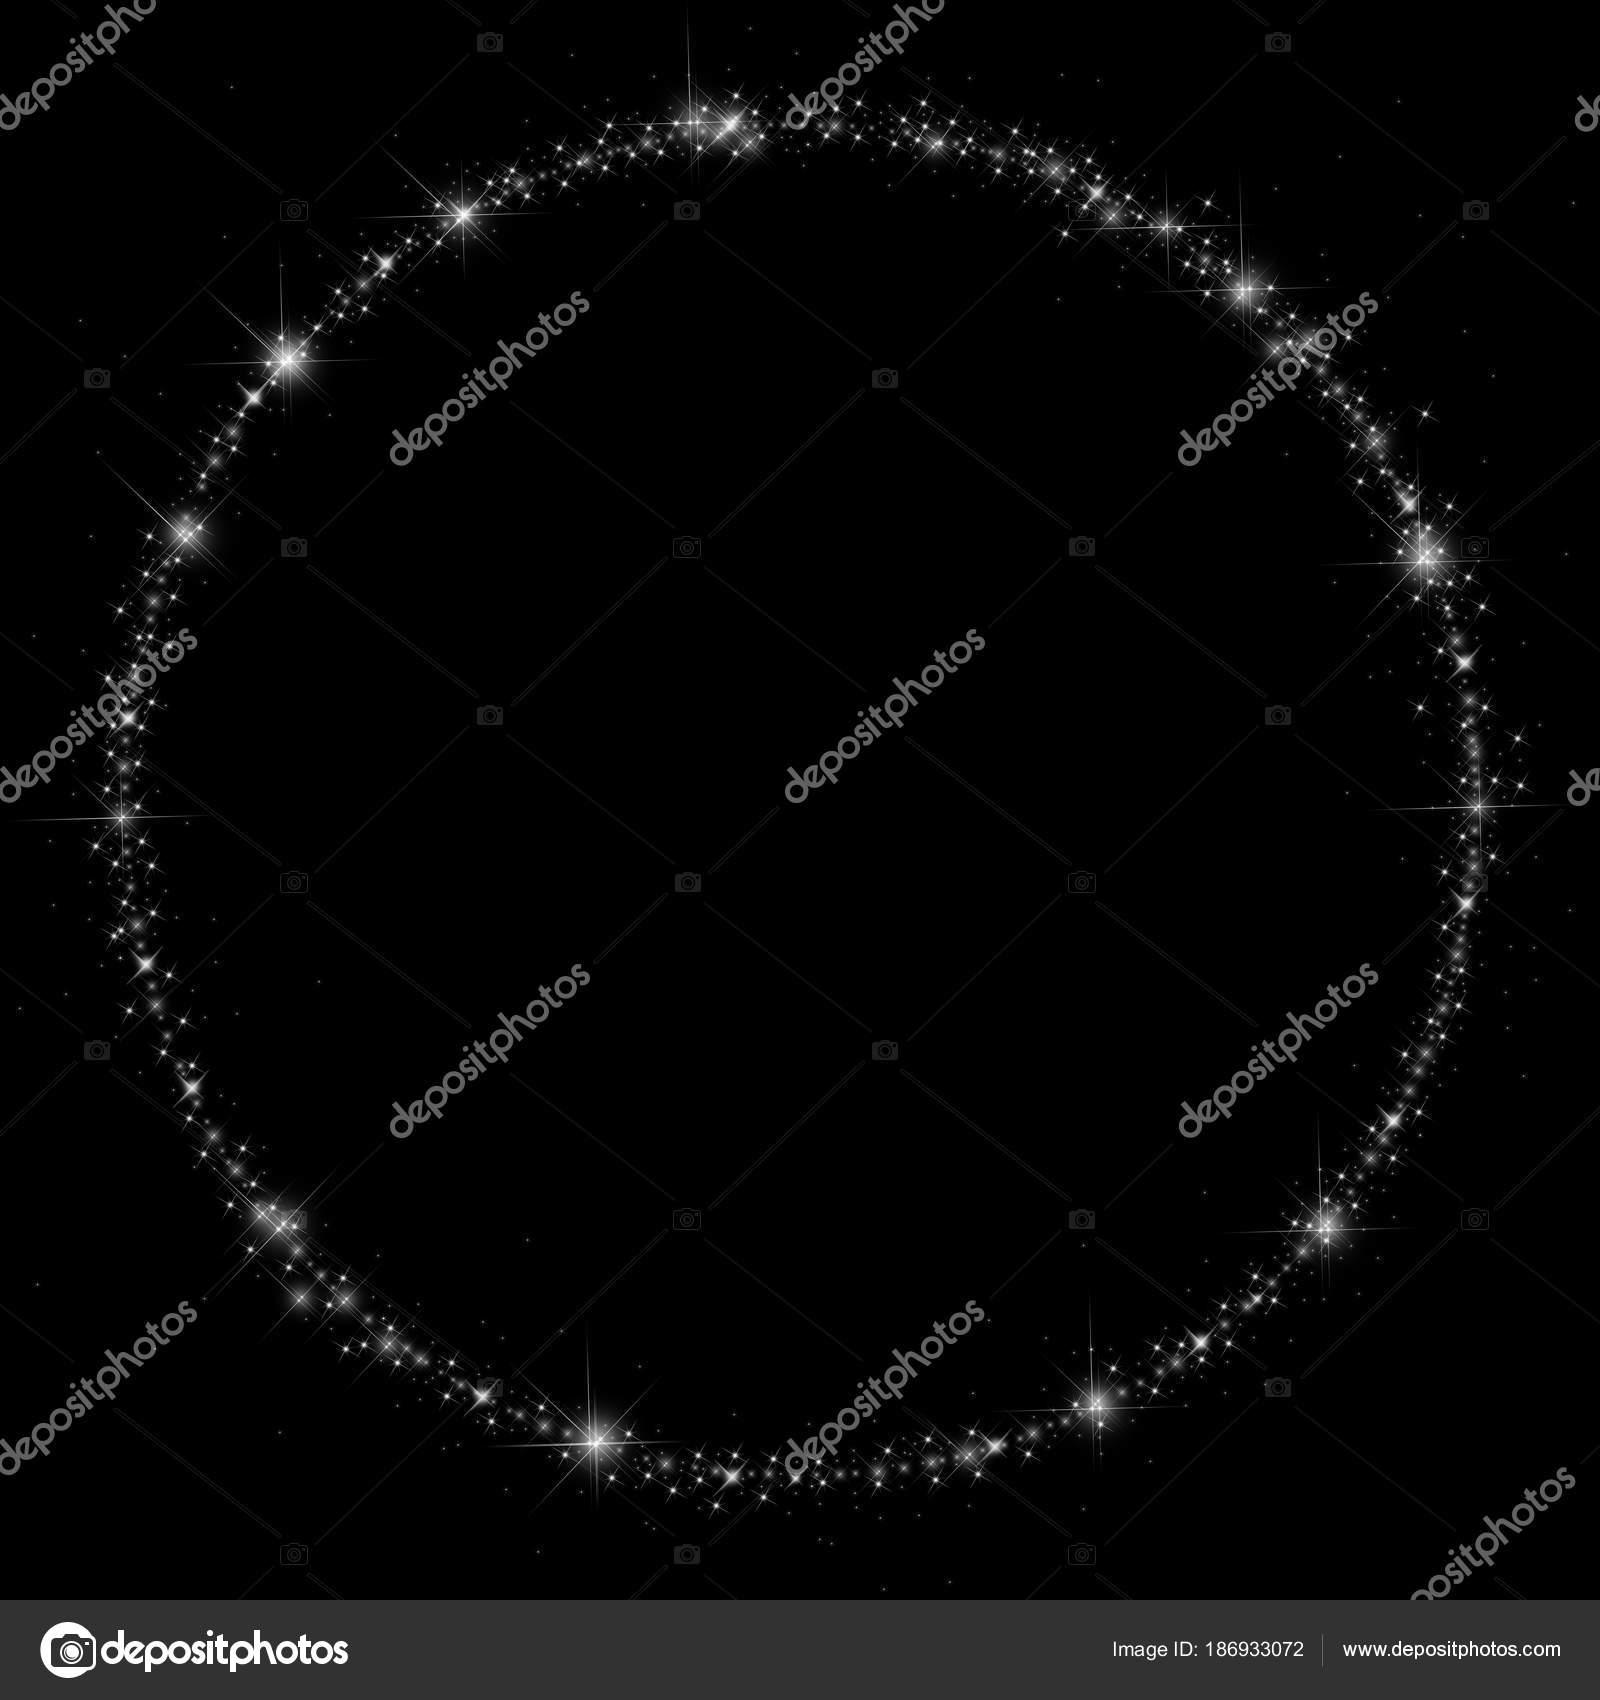 Cercle Abstrait Des étoiles Scintillantes Blanches Sur Fond